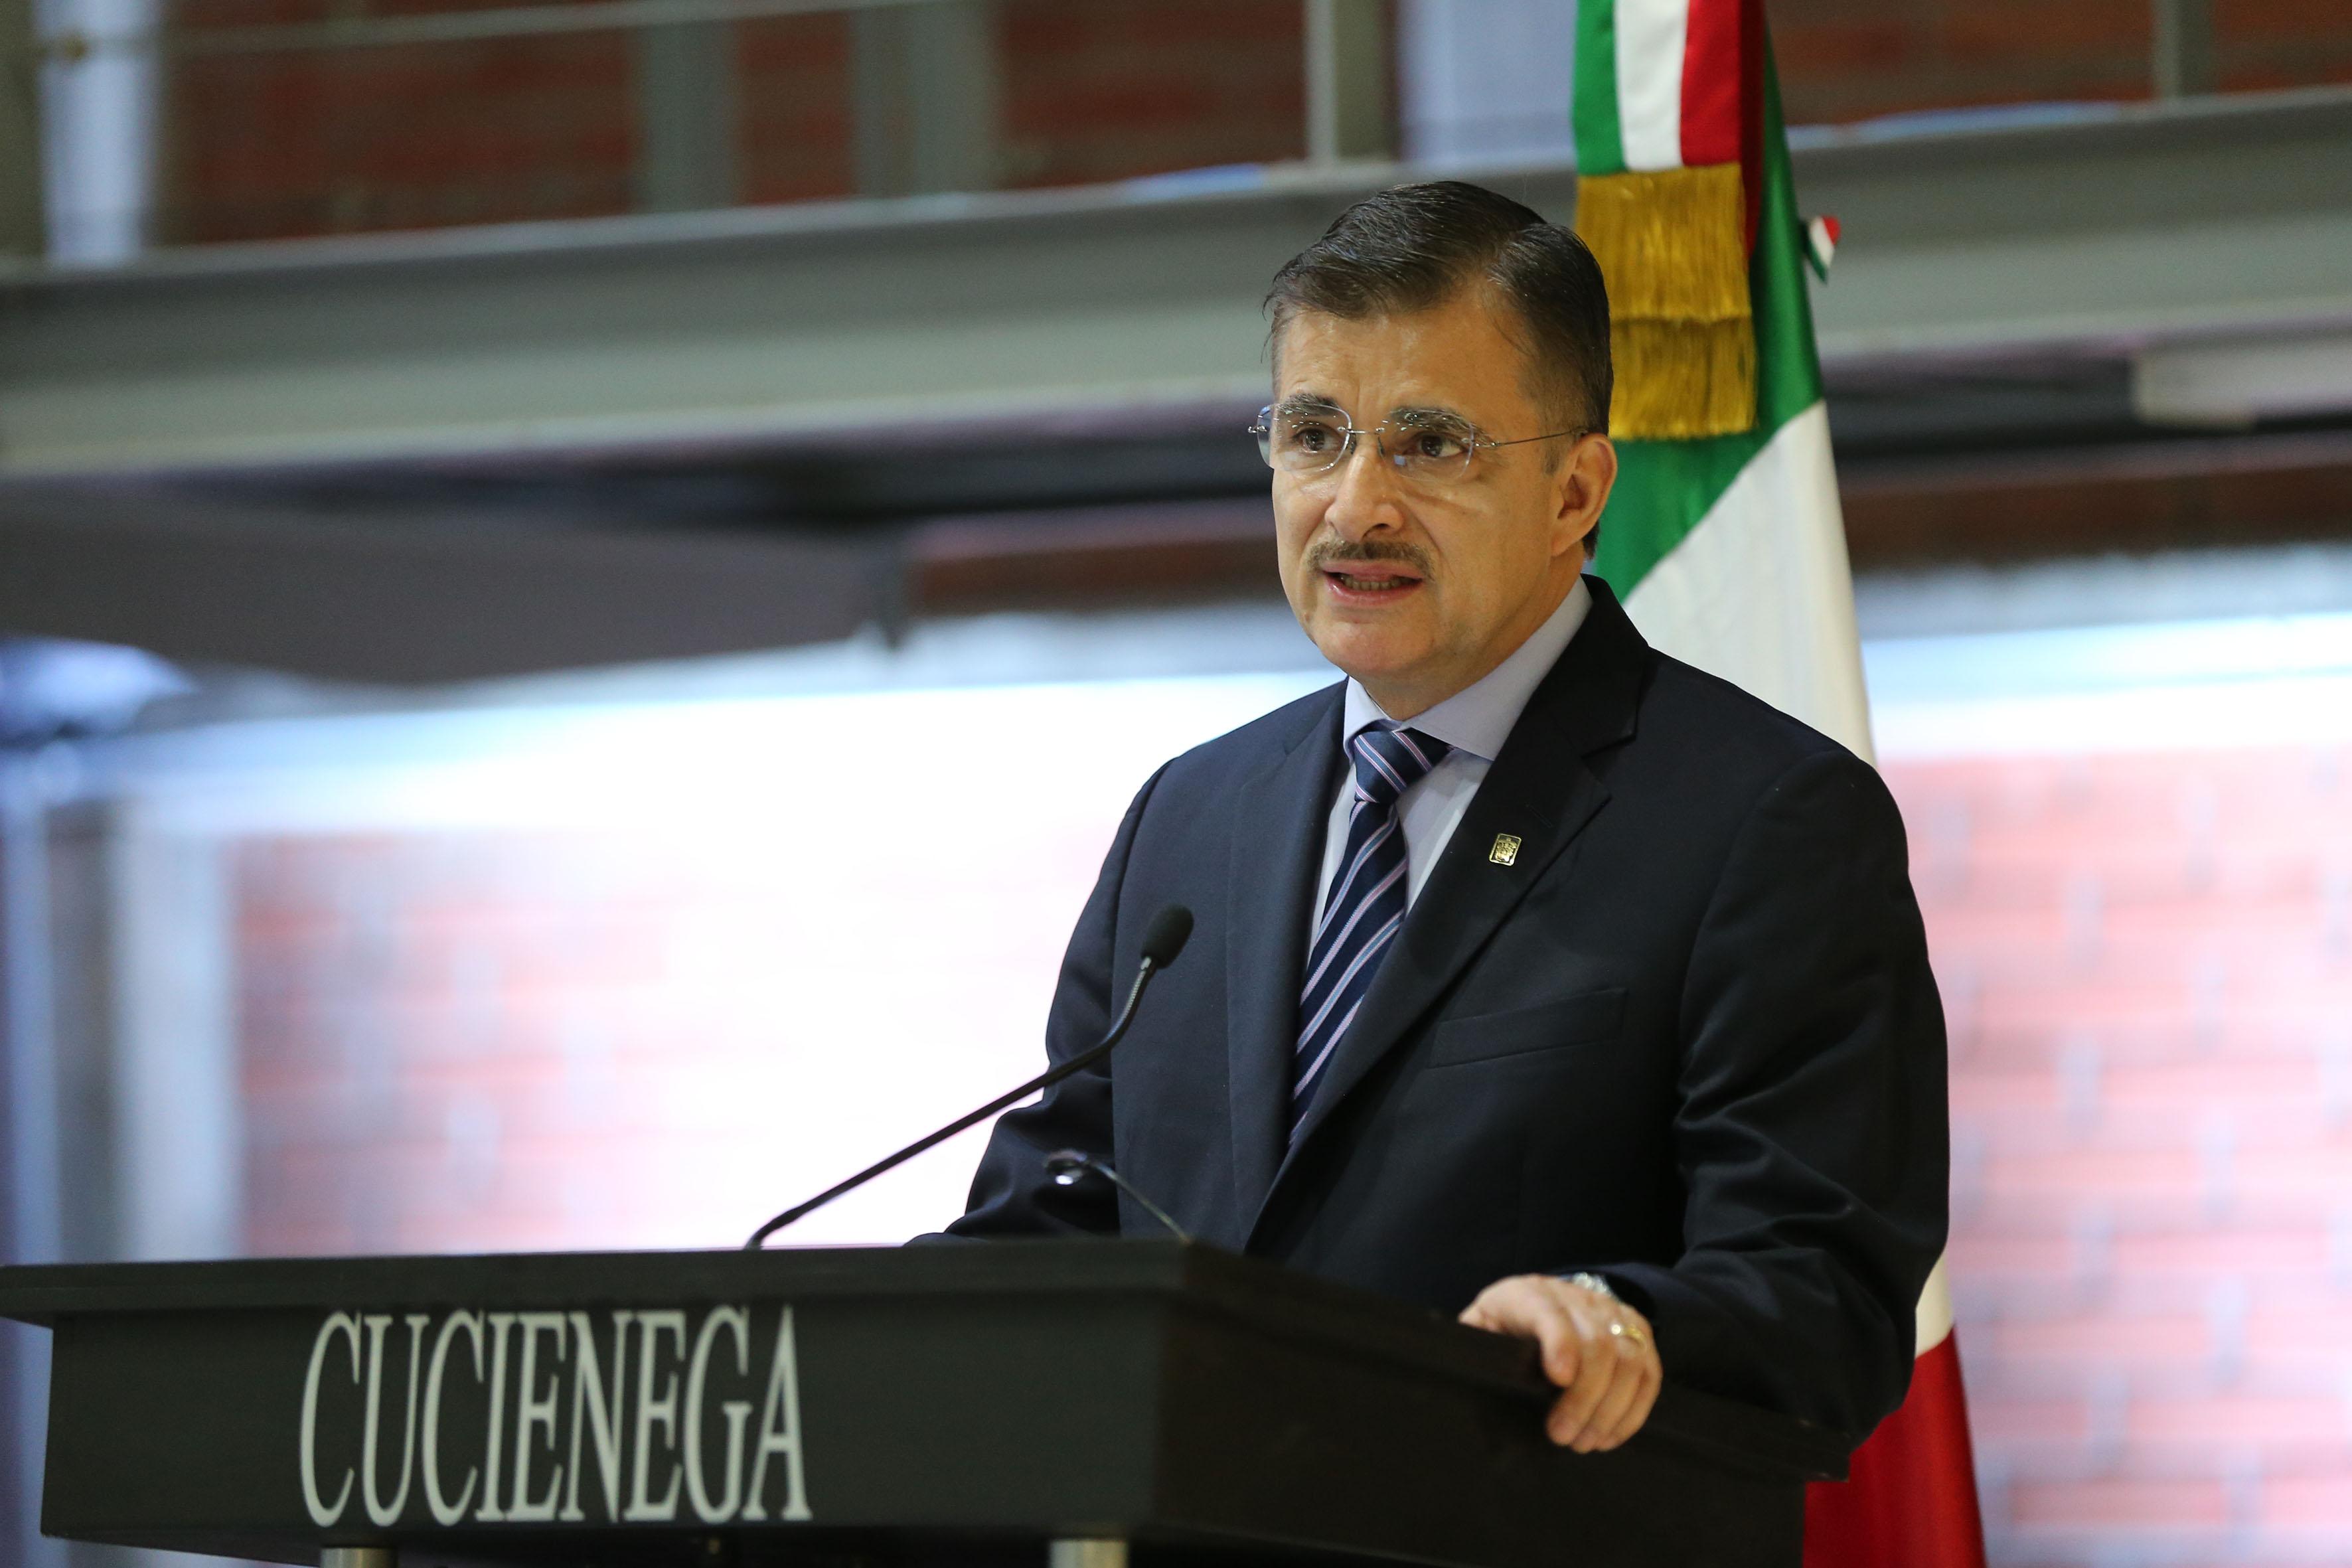 Rector General de la Universidad de Guadalajara, maestro Itzcóatl Tonatiuh Bravo Padilla haciendo uso de la voz